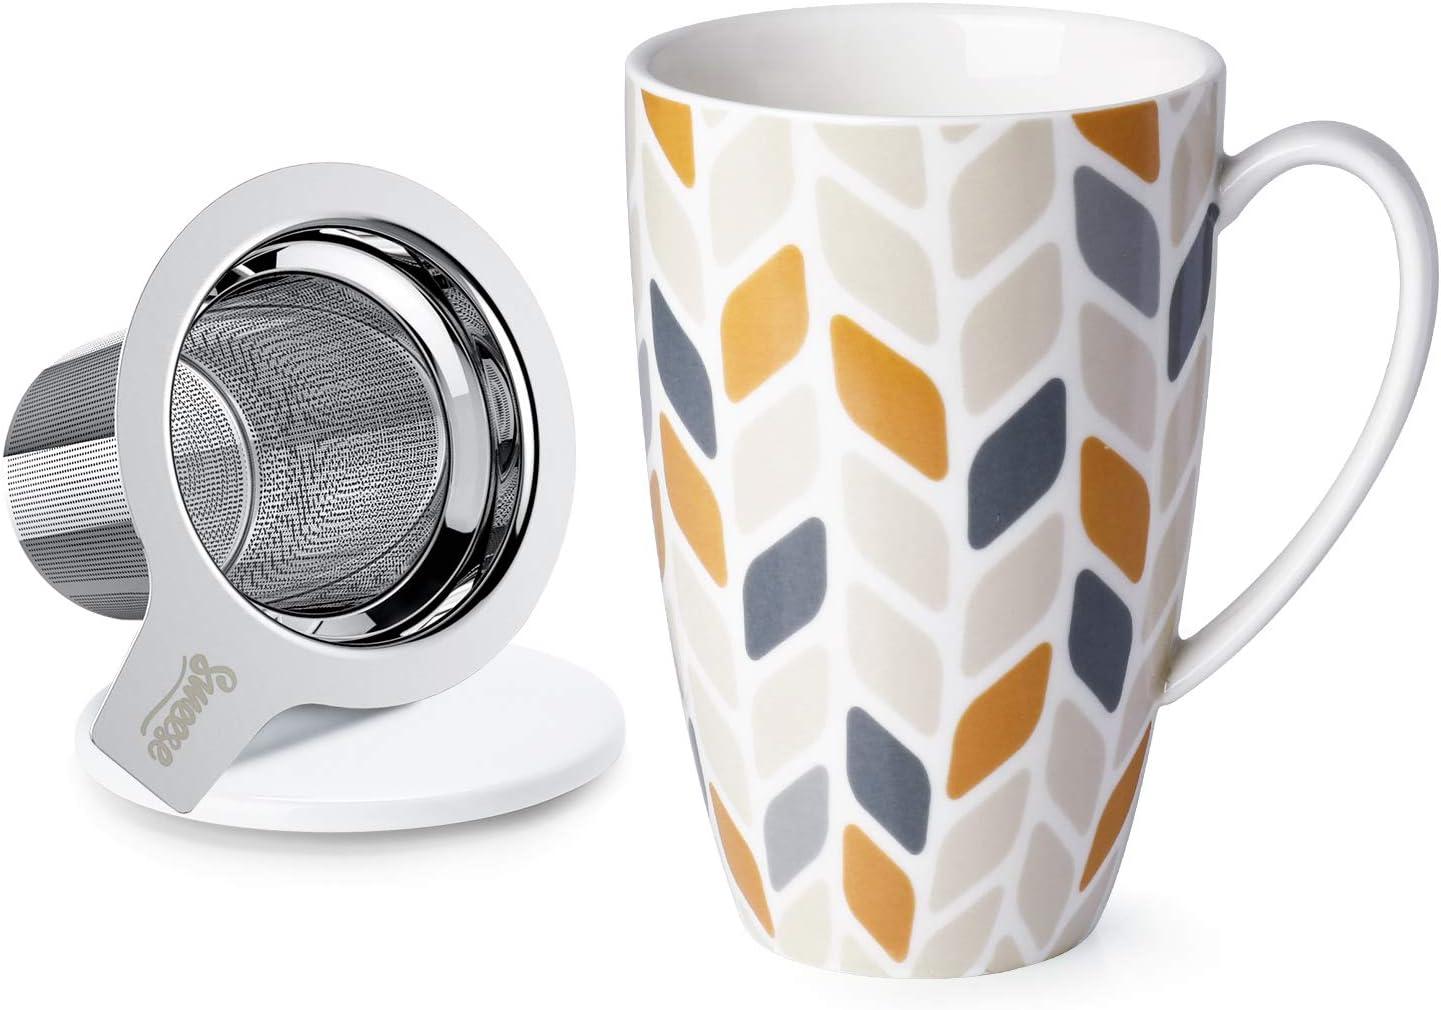 Taza de t/é con infusor 400 ml 400 ml taza de t/é con tapa e infusor de acero inoxidable para oficina y hogar Ballena Tail-400 porcelana acero inoxidable Sweese